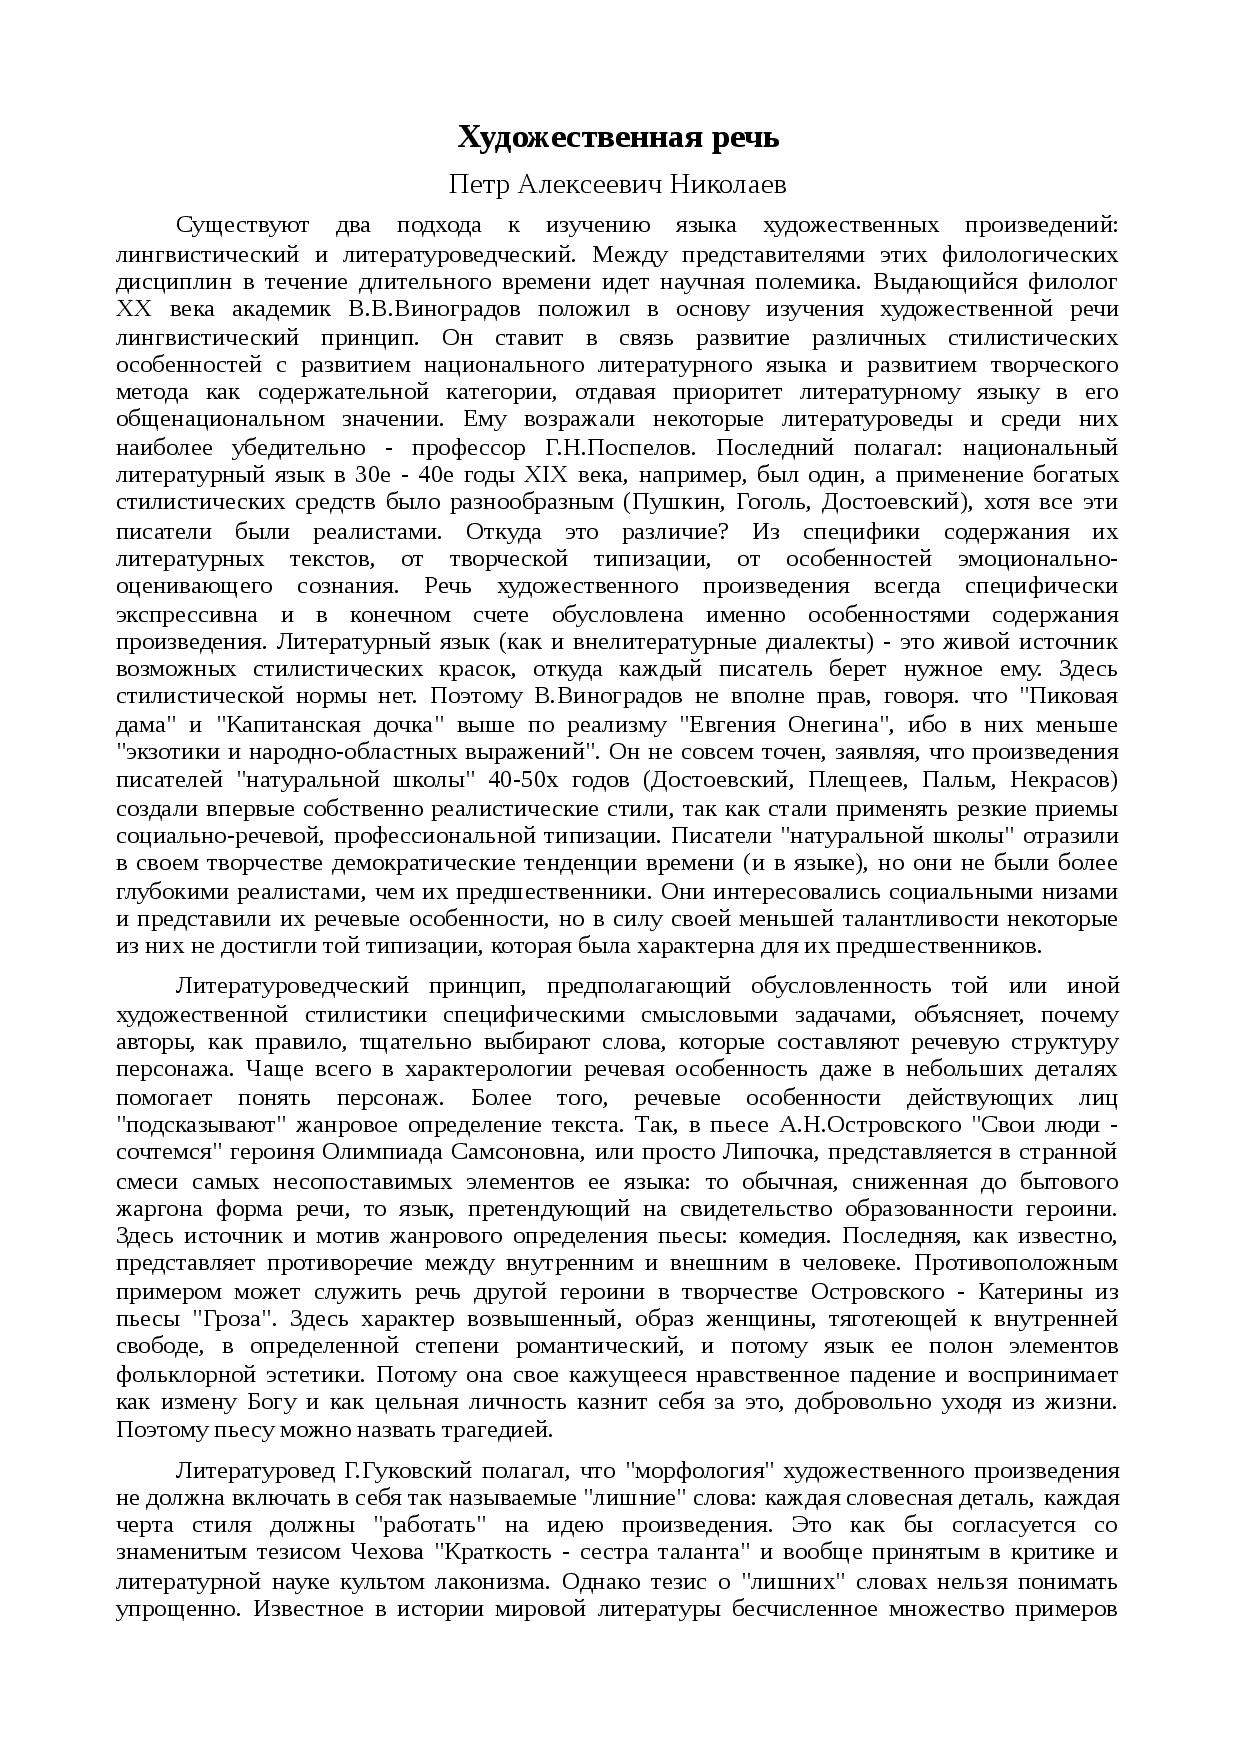 Что такое «эзопов язык»?